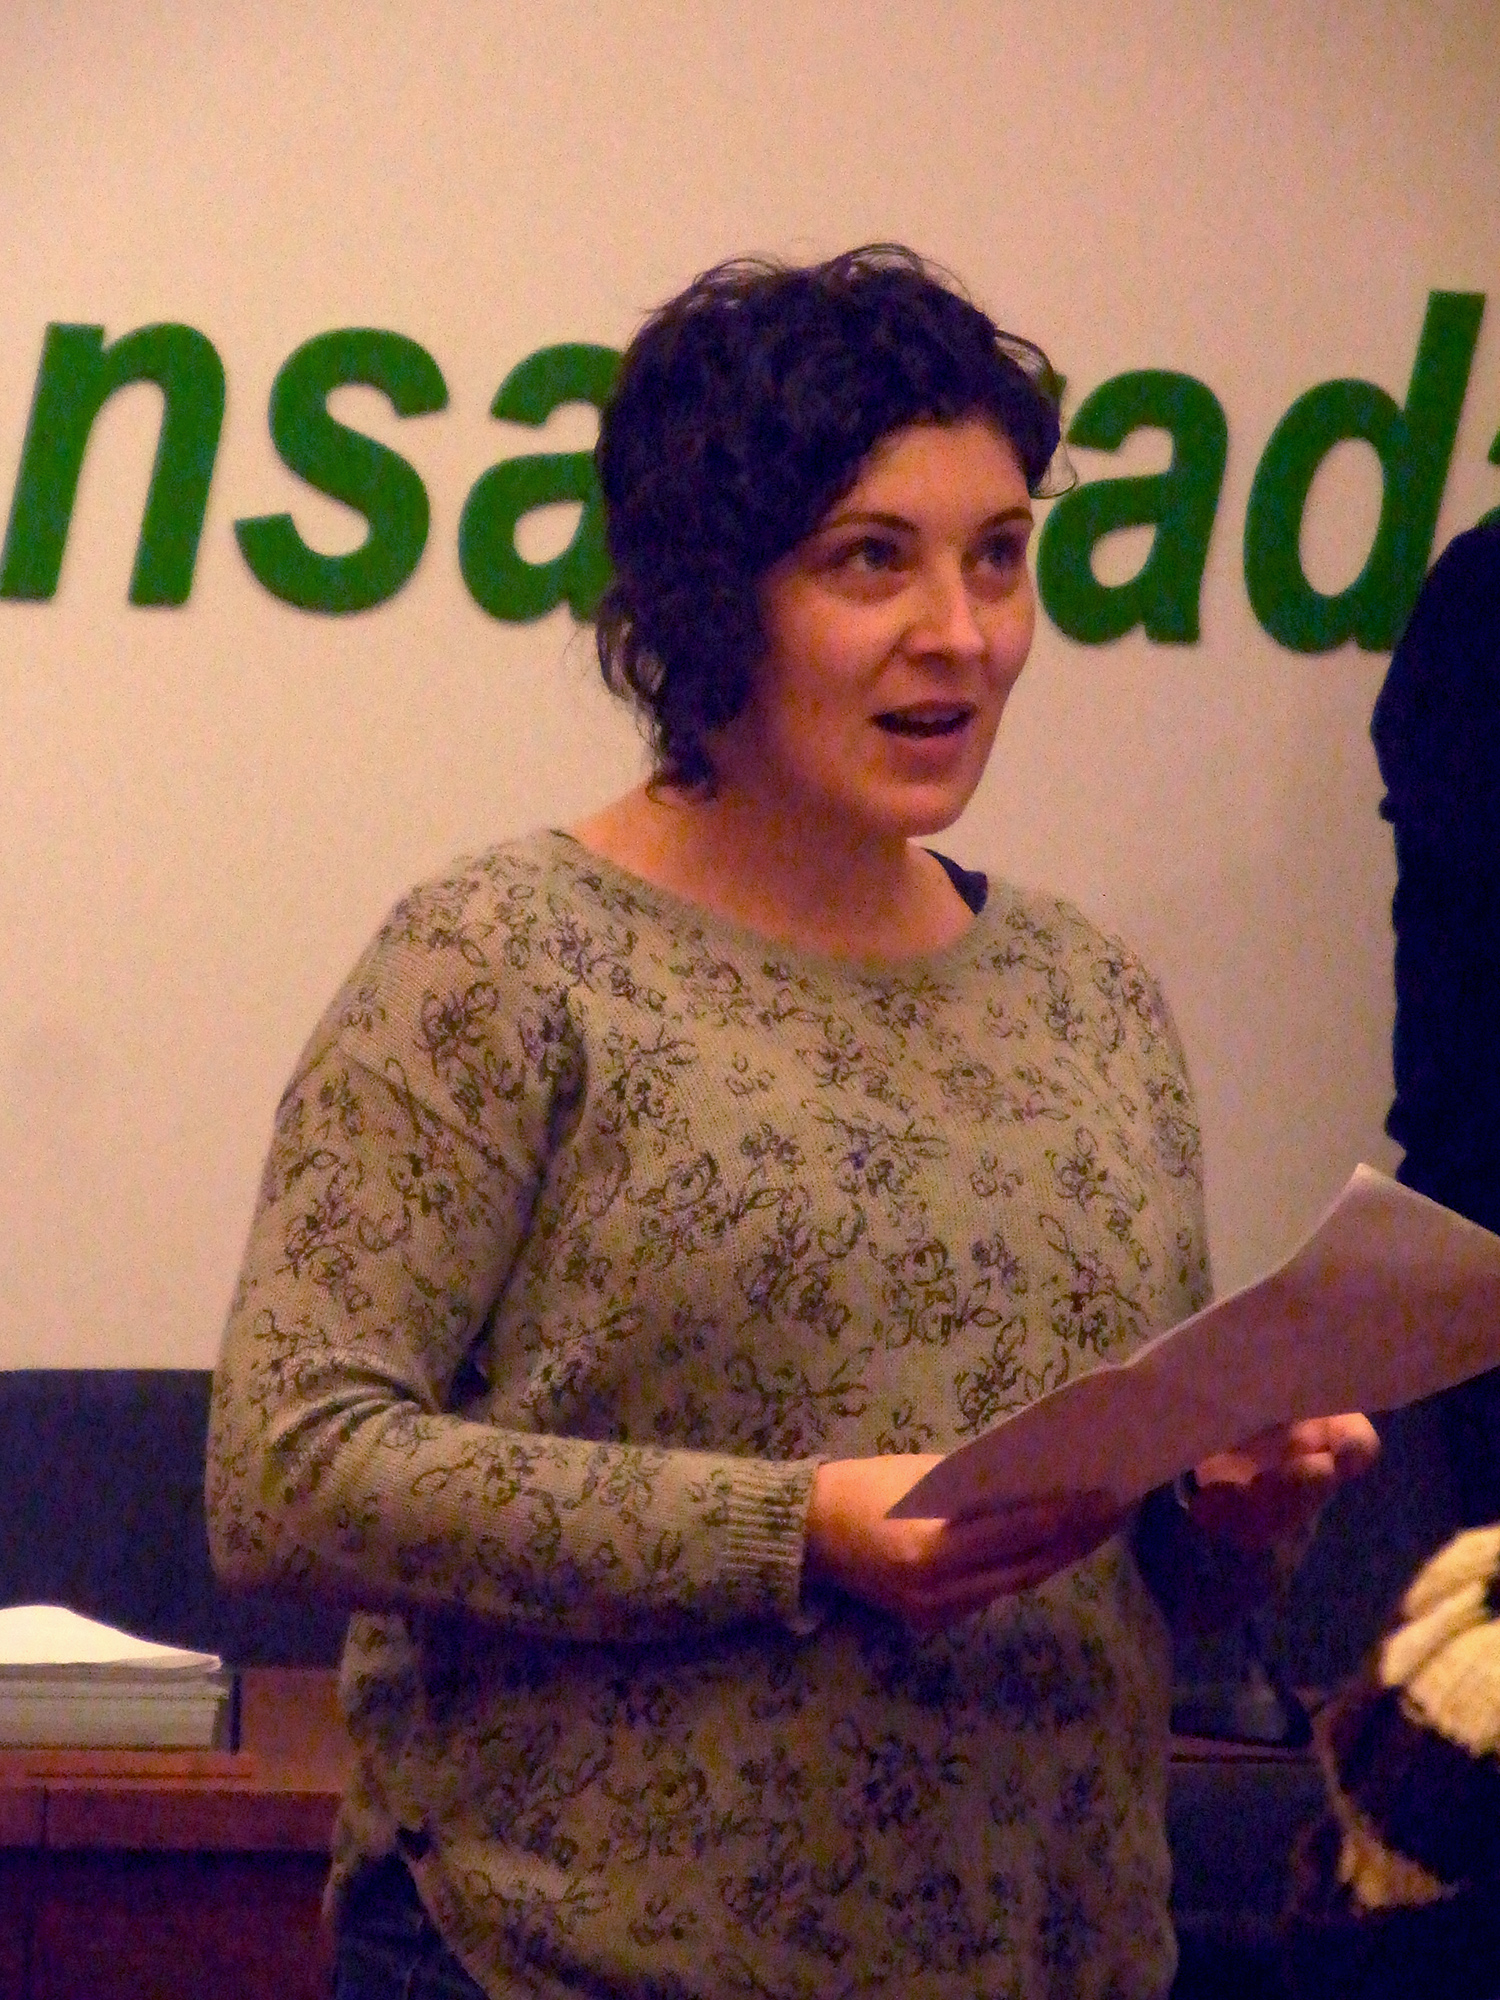 Xiana Arias na presentación da exposición Represaliados.